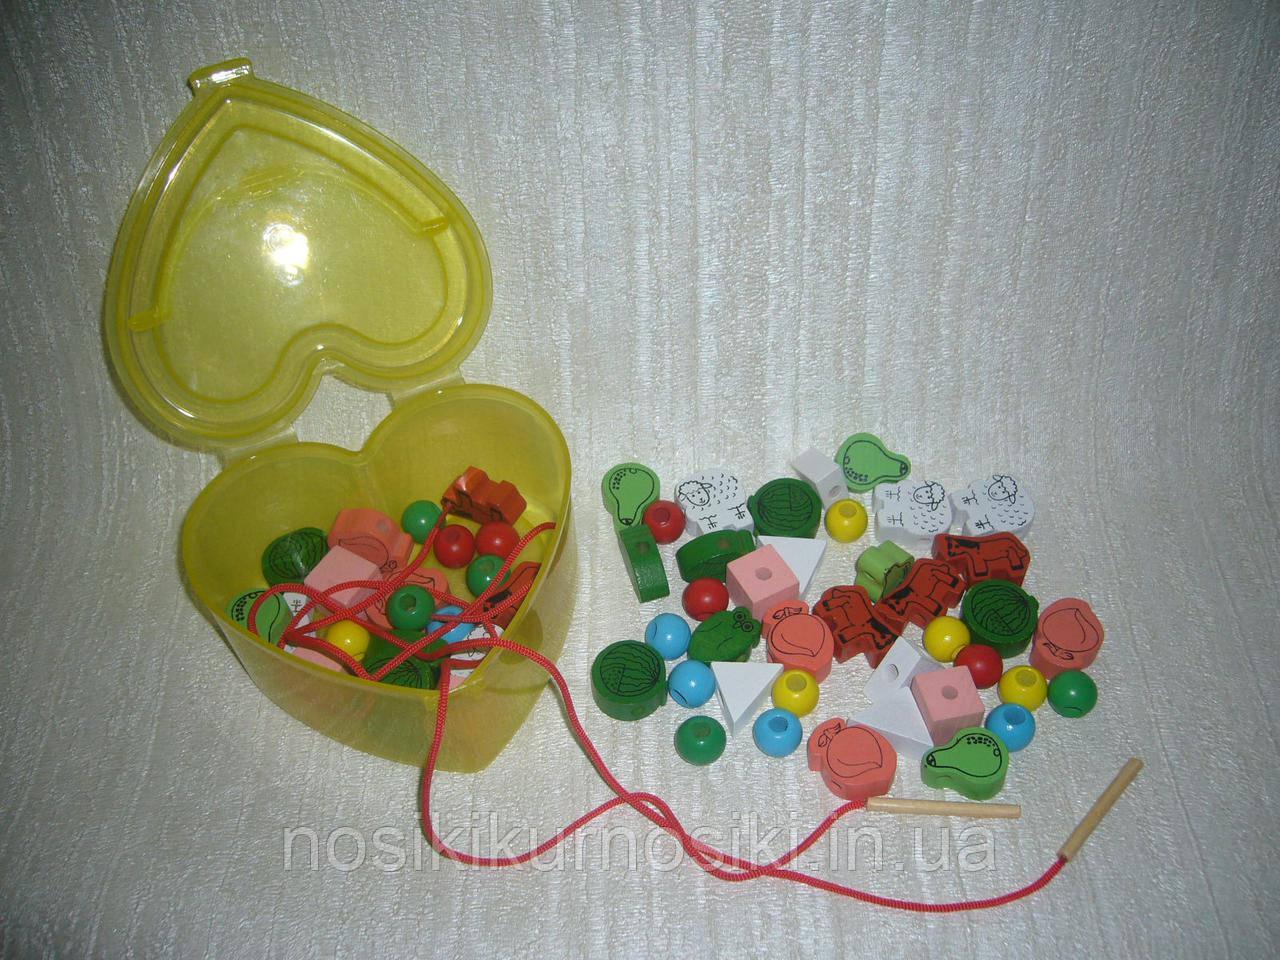 Дерев'яні іграшки Шнурівка MD 0344 мікс